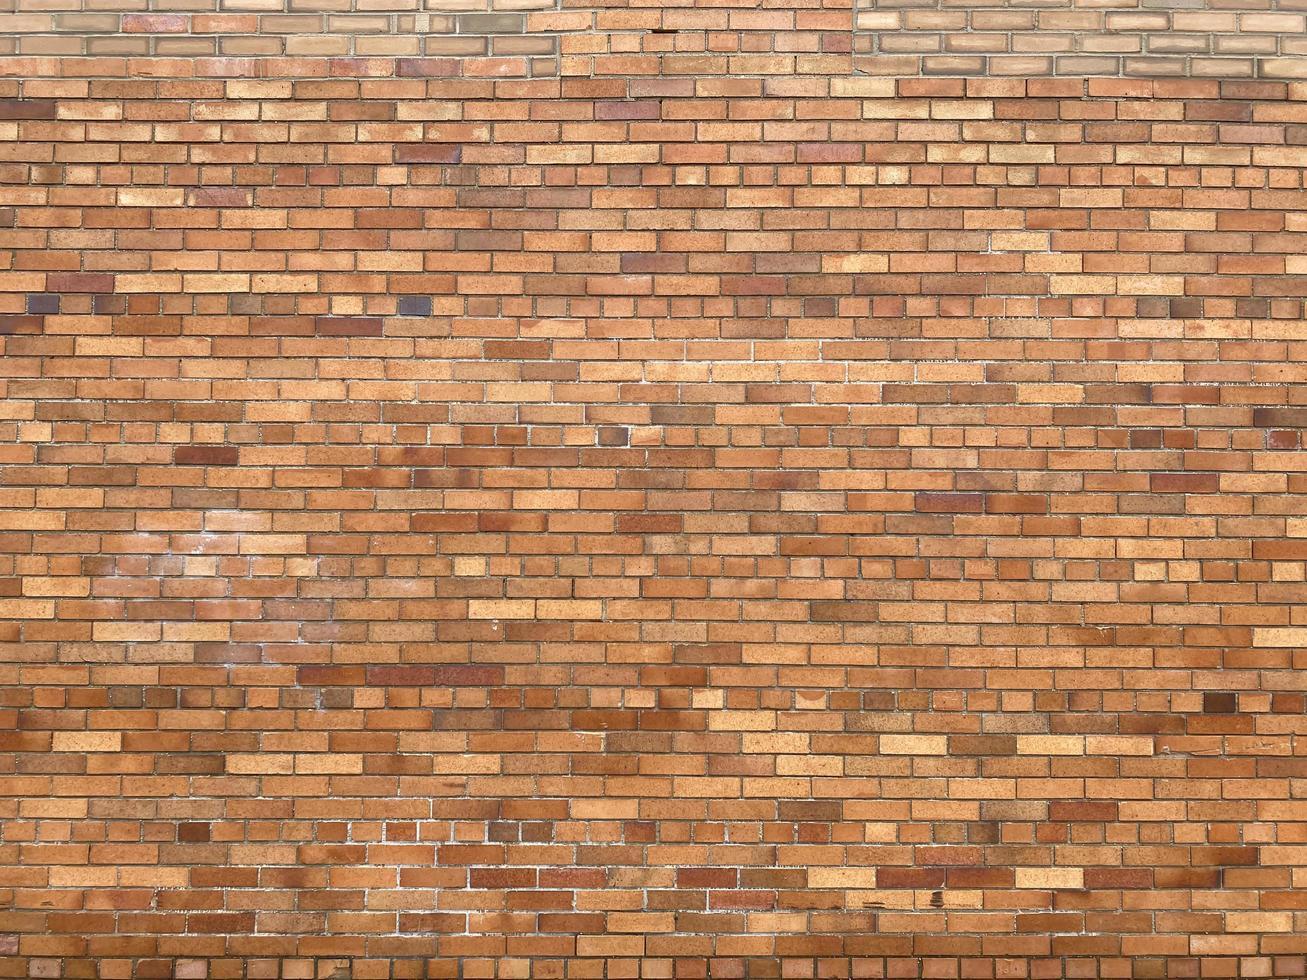 oude muur met gele en bruine bakstenen foto